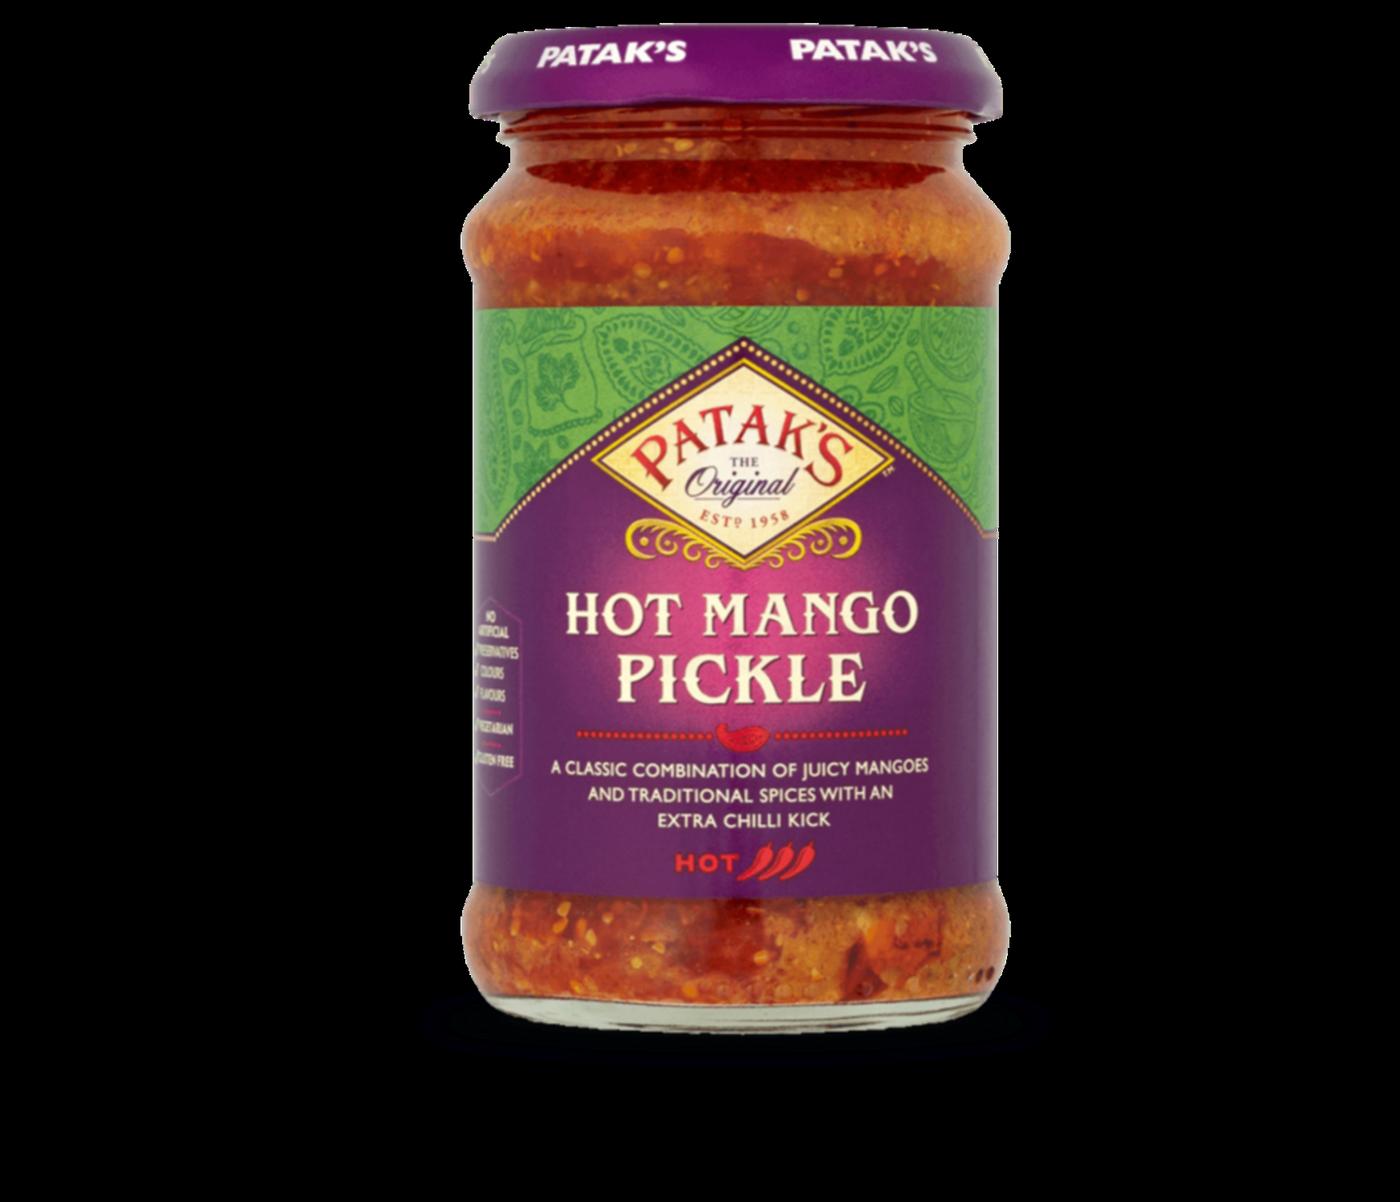 Pataks Hot Mango Pickle